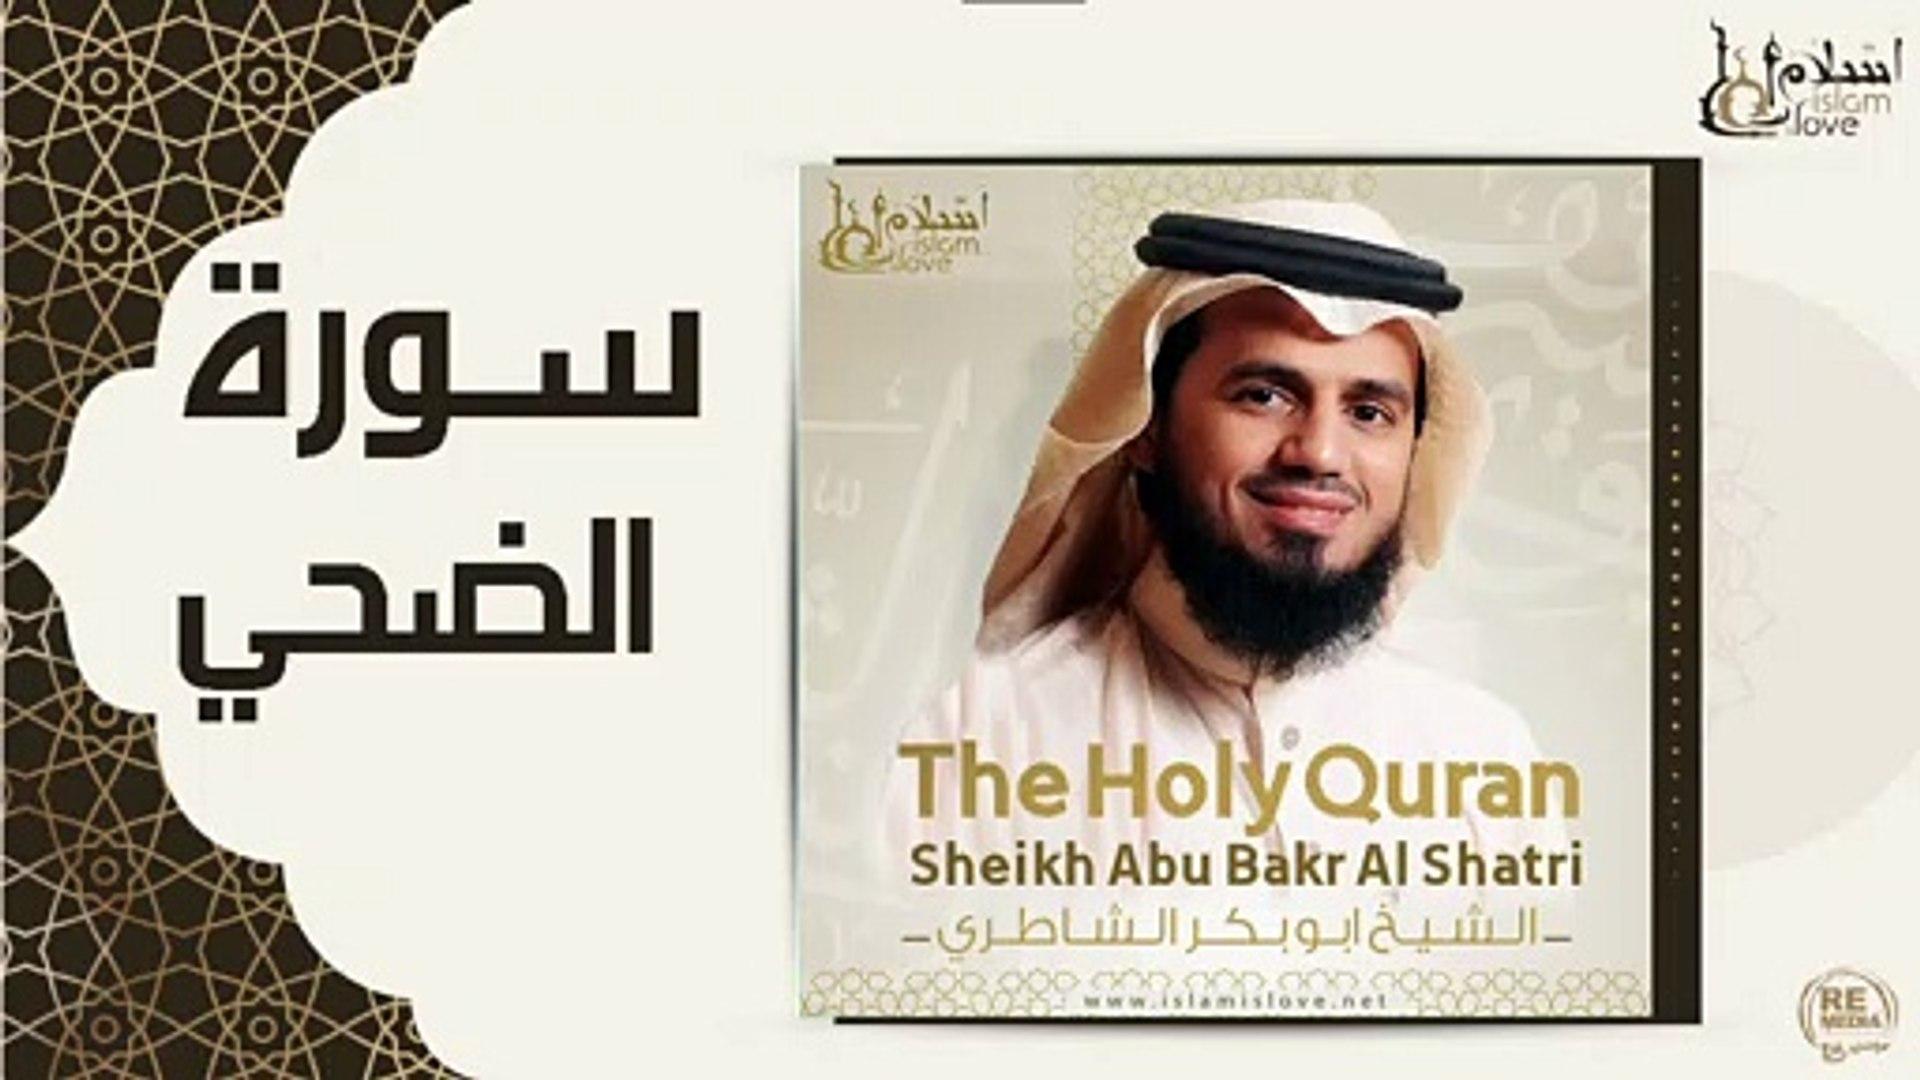 الشيخ ابو بكر الشاطري - سورة الضحي